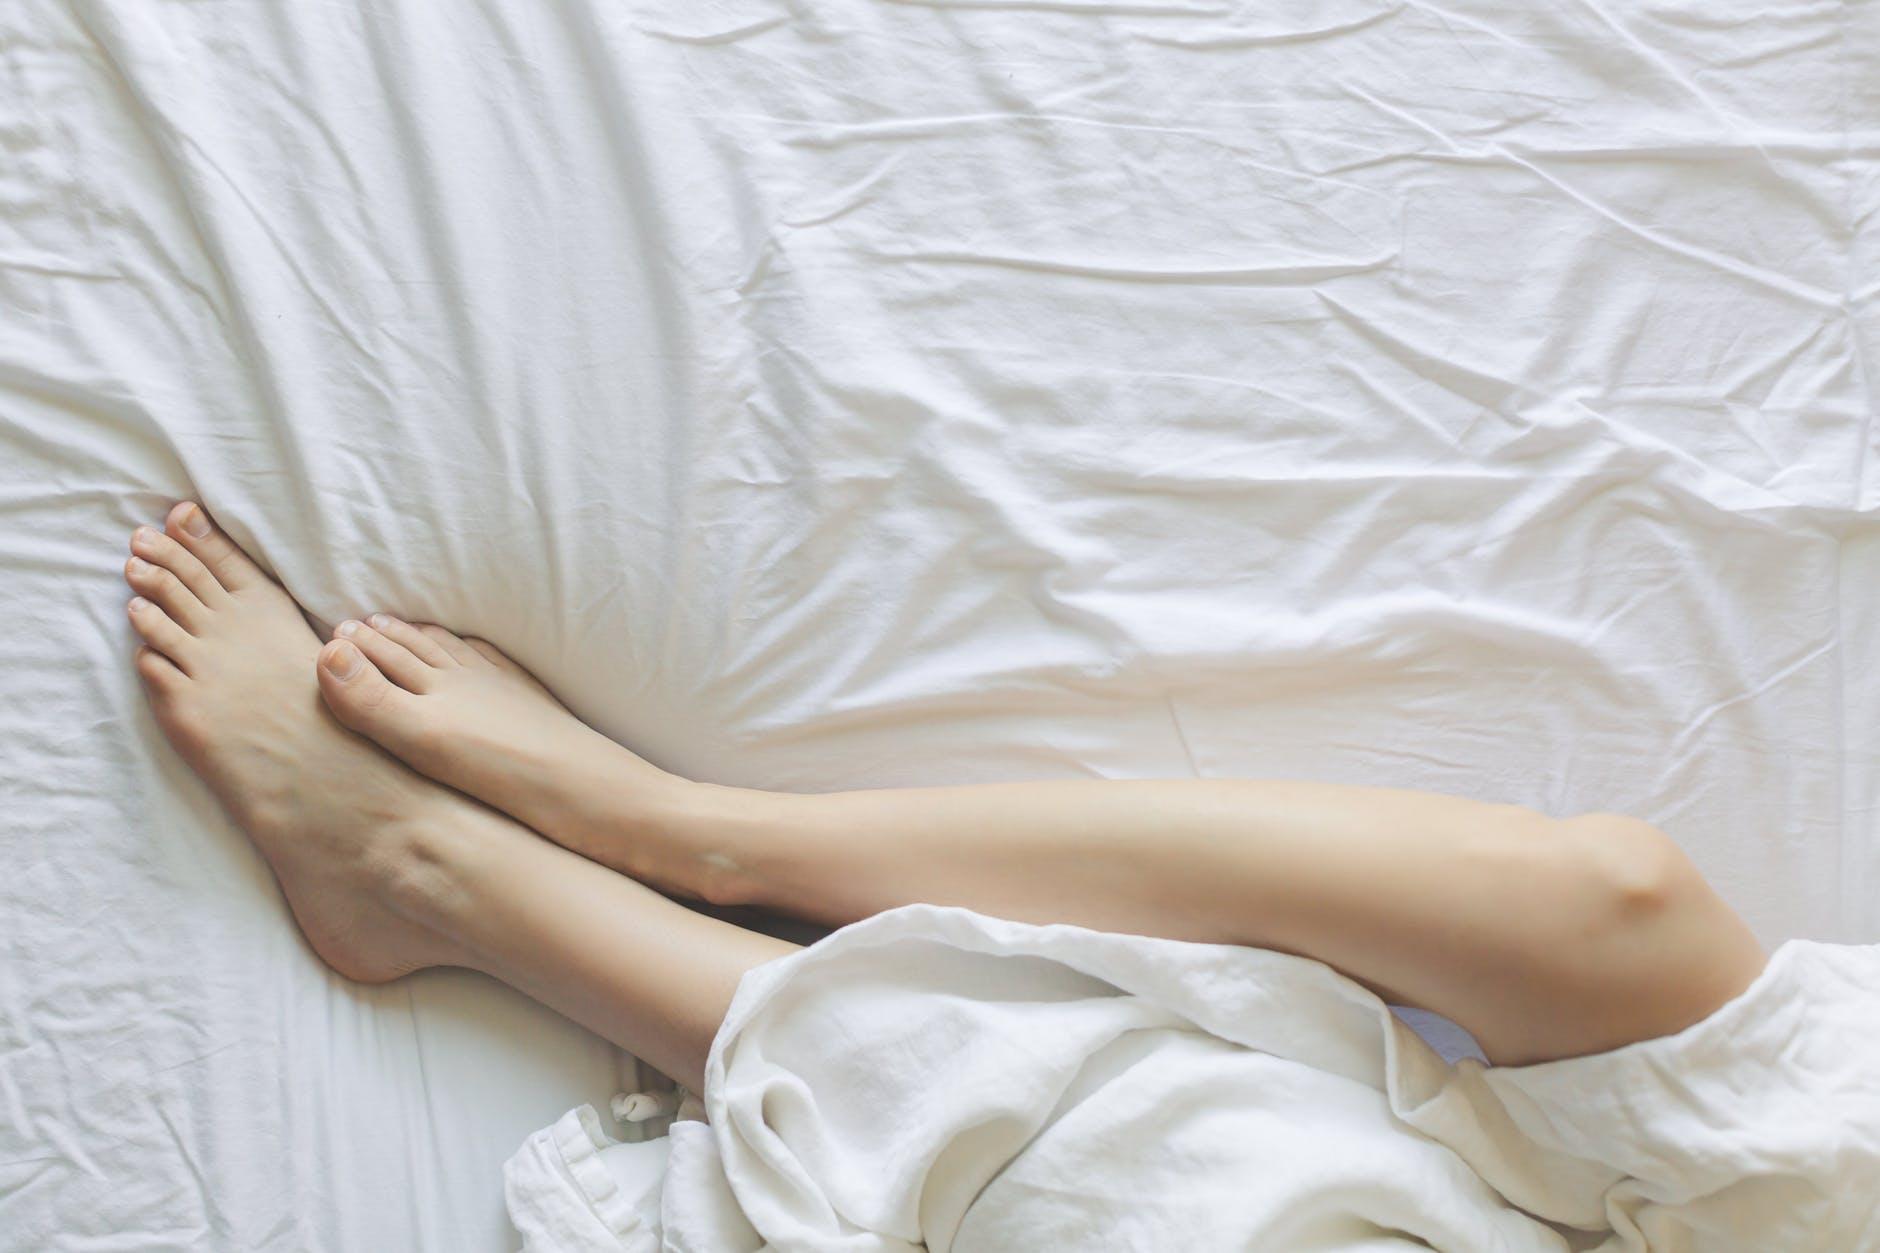 Πώς έχετε πρωκτικό σεξ